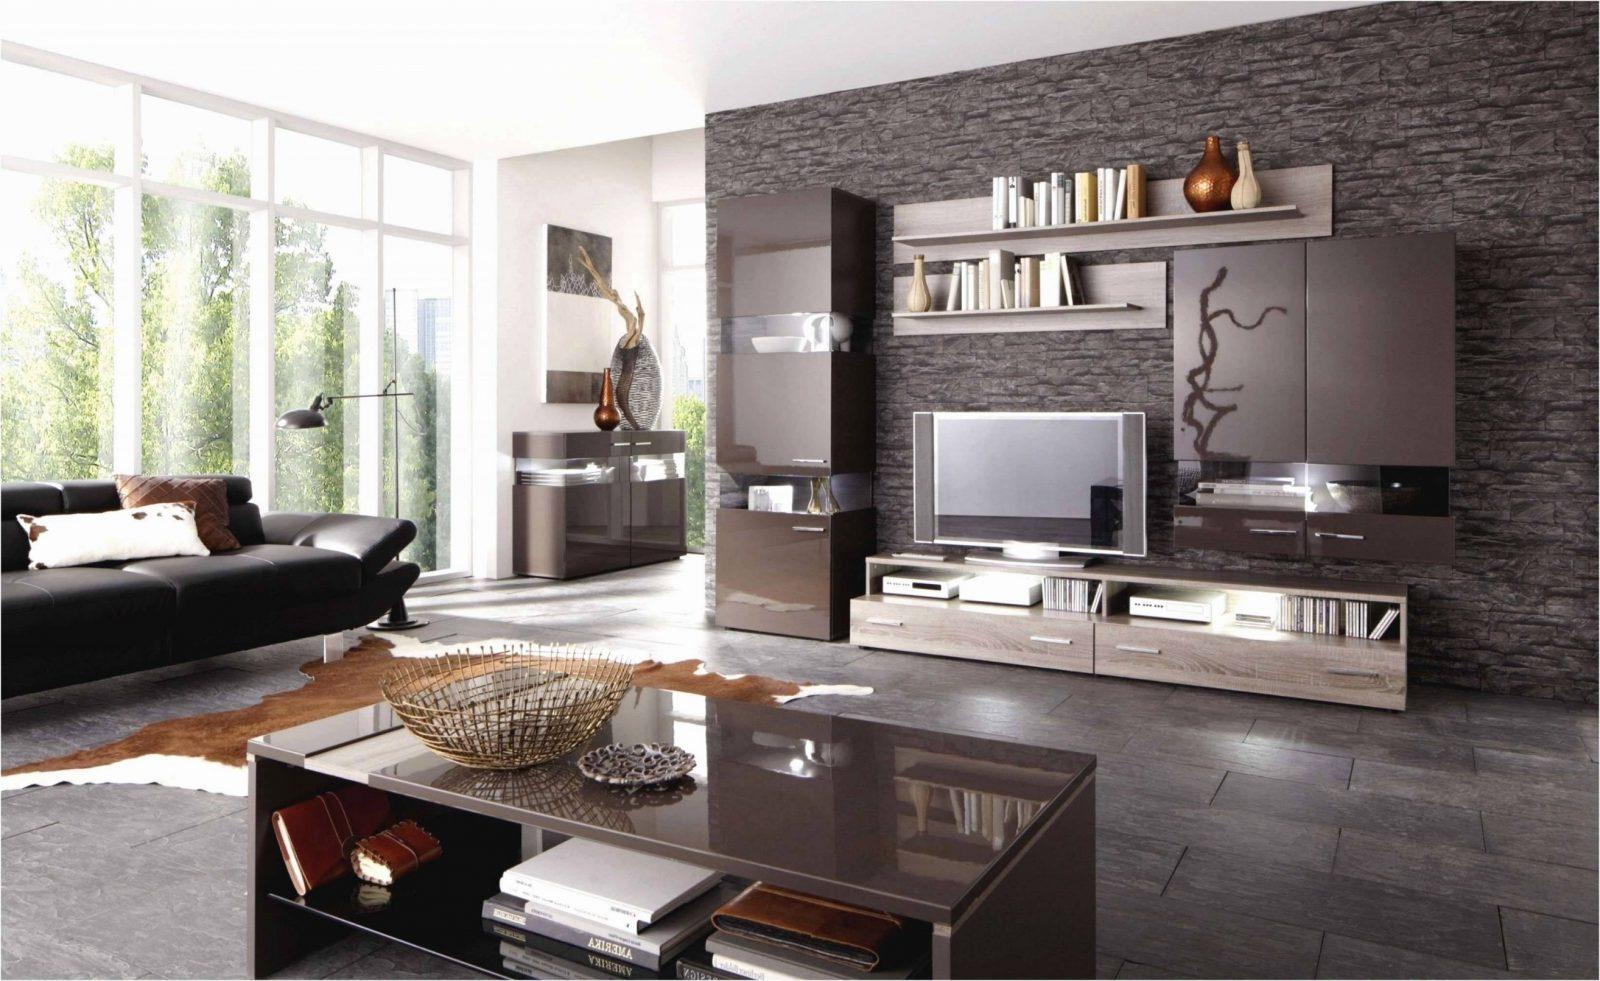 Elektrische Badkamer Verwarming Aeg Best Of Stunning Wohnzimmer von Wohnzimmer Tapeten Ideen Modern Photo